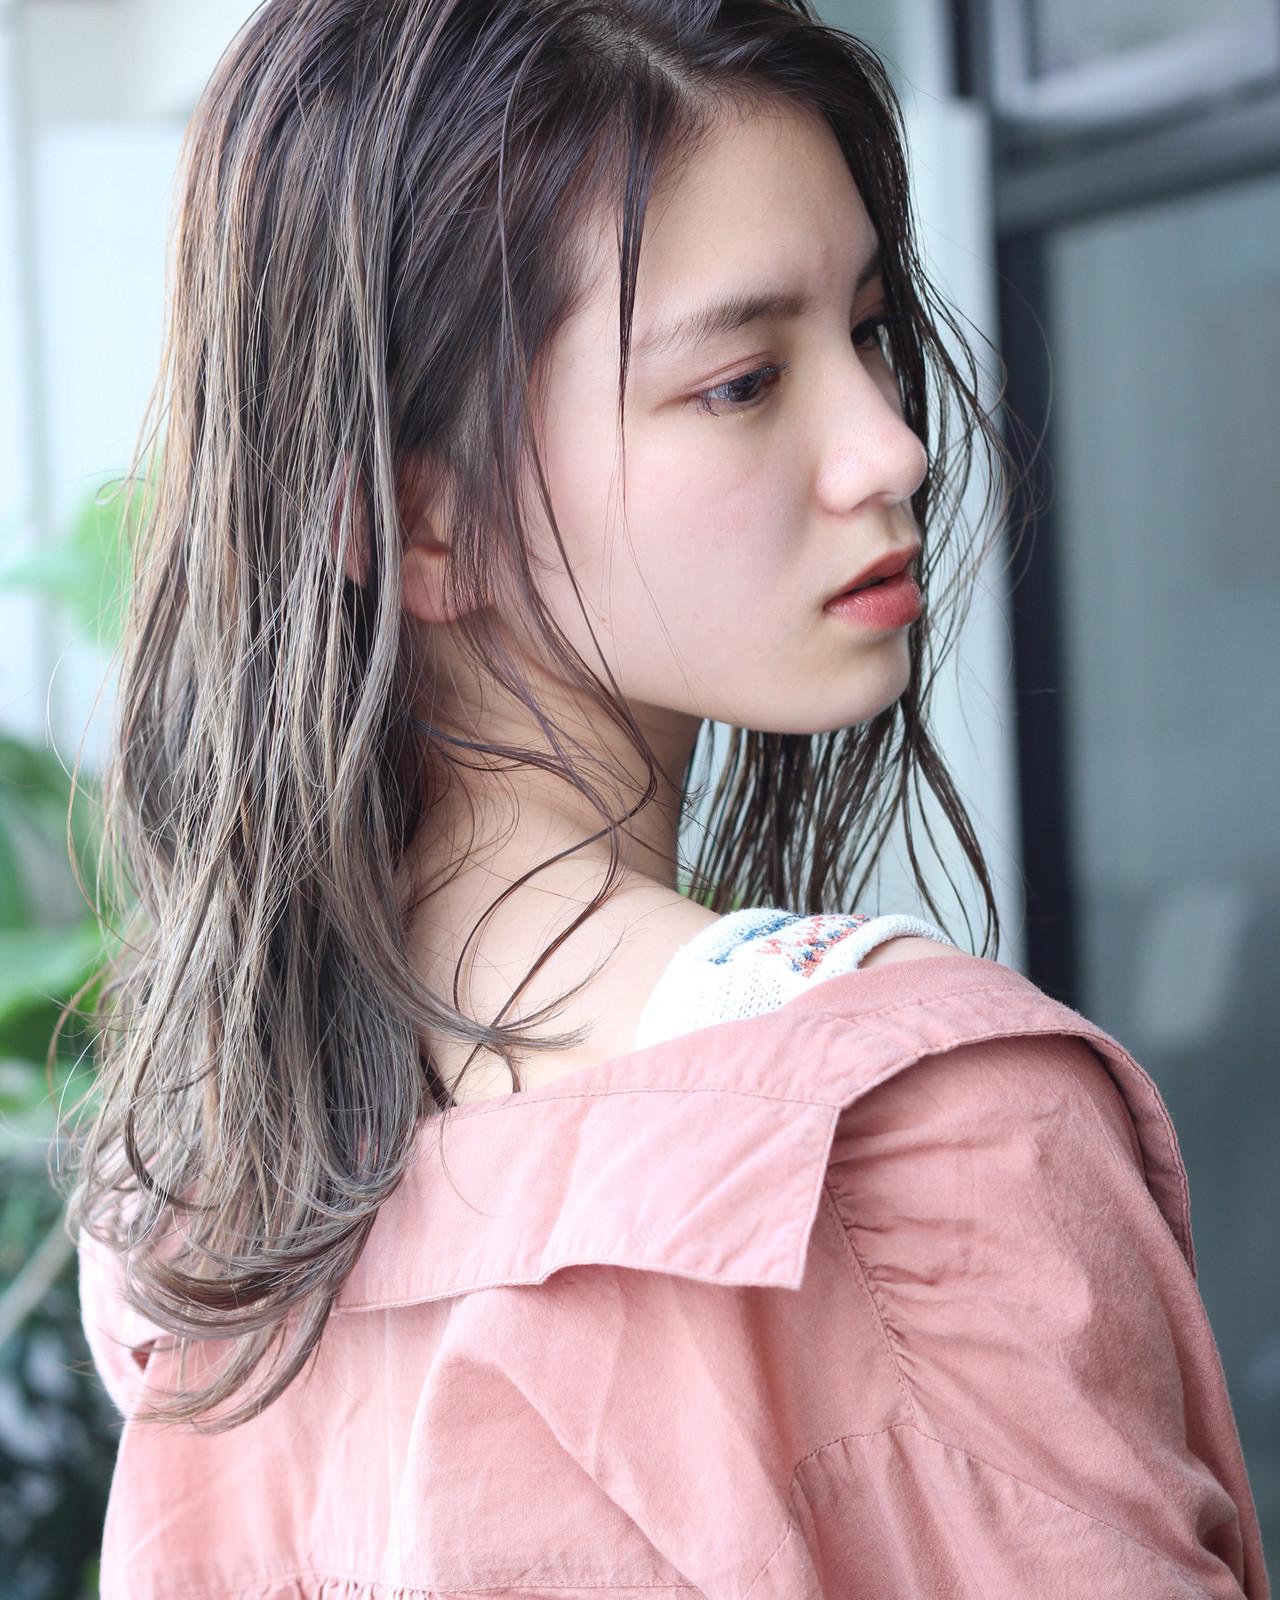 アッシュグレージュ うぶ毛ハイライト 大人ハイライト ロング ヘアスタイルや髪型の写真・画像 | 松田 和幸 / tuuli